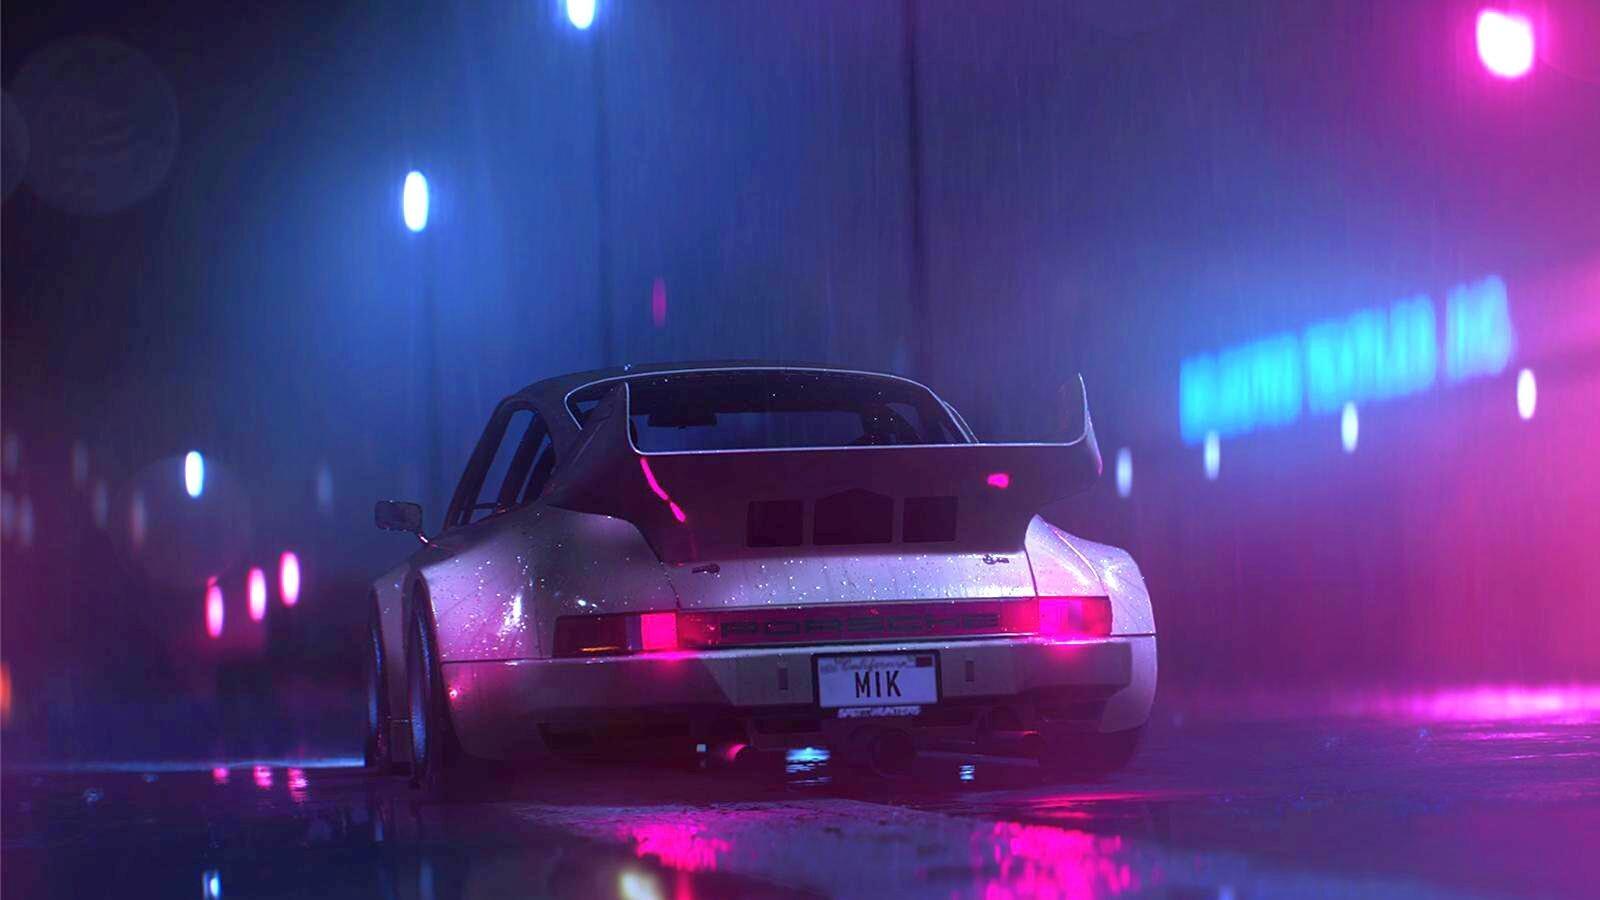 Vaporwave Retro Car Wallpaper Aesthetic 171 Outrun Style 187 El Retrofuturismo De Los 80 Nunca Se Fue